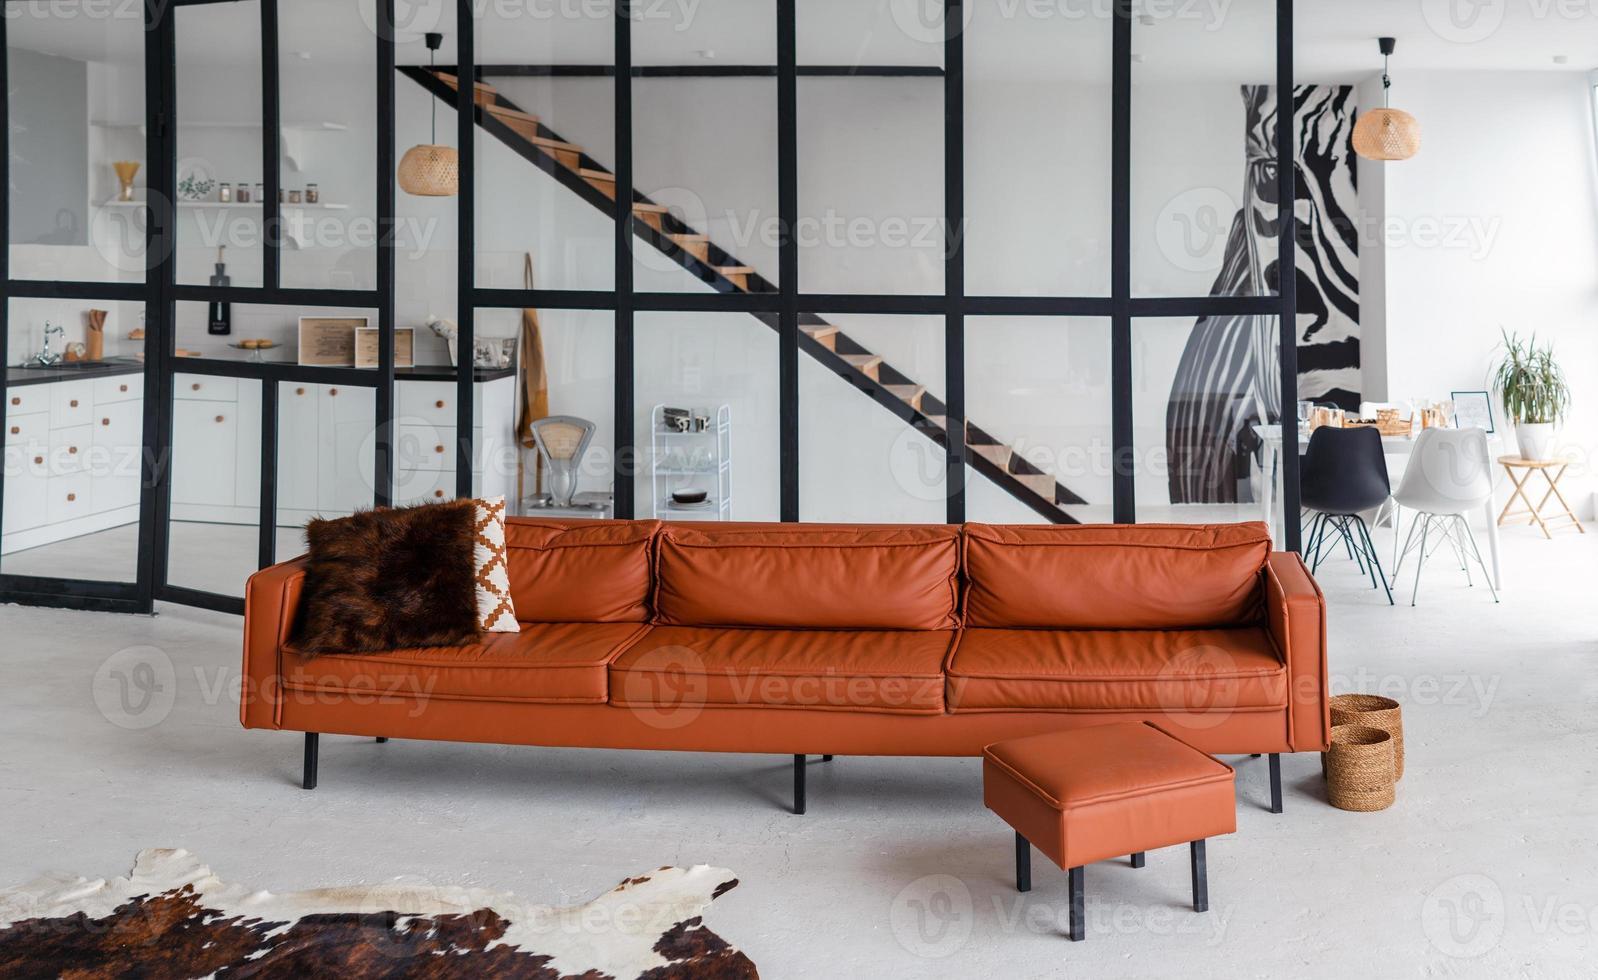 apartamento estiloso, espaço aberto, no meio da sala está um sofá bonito e moderno foto